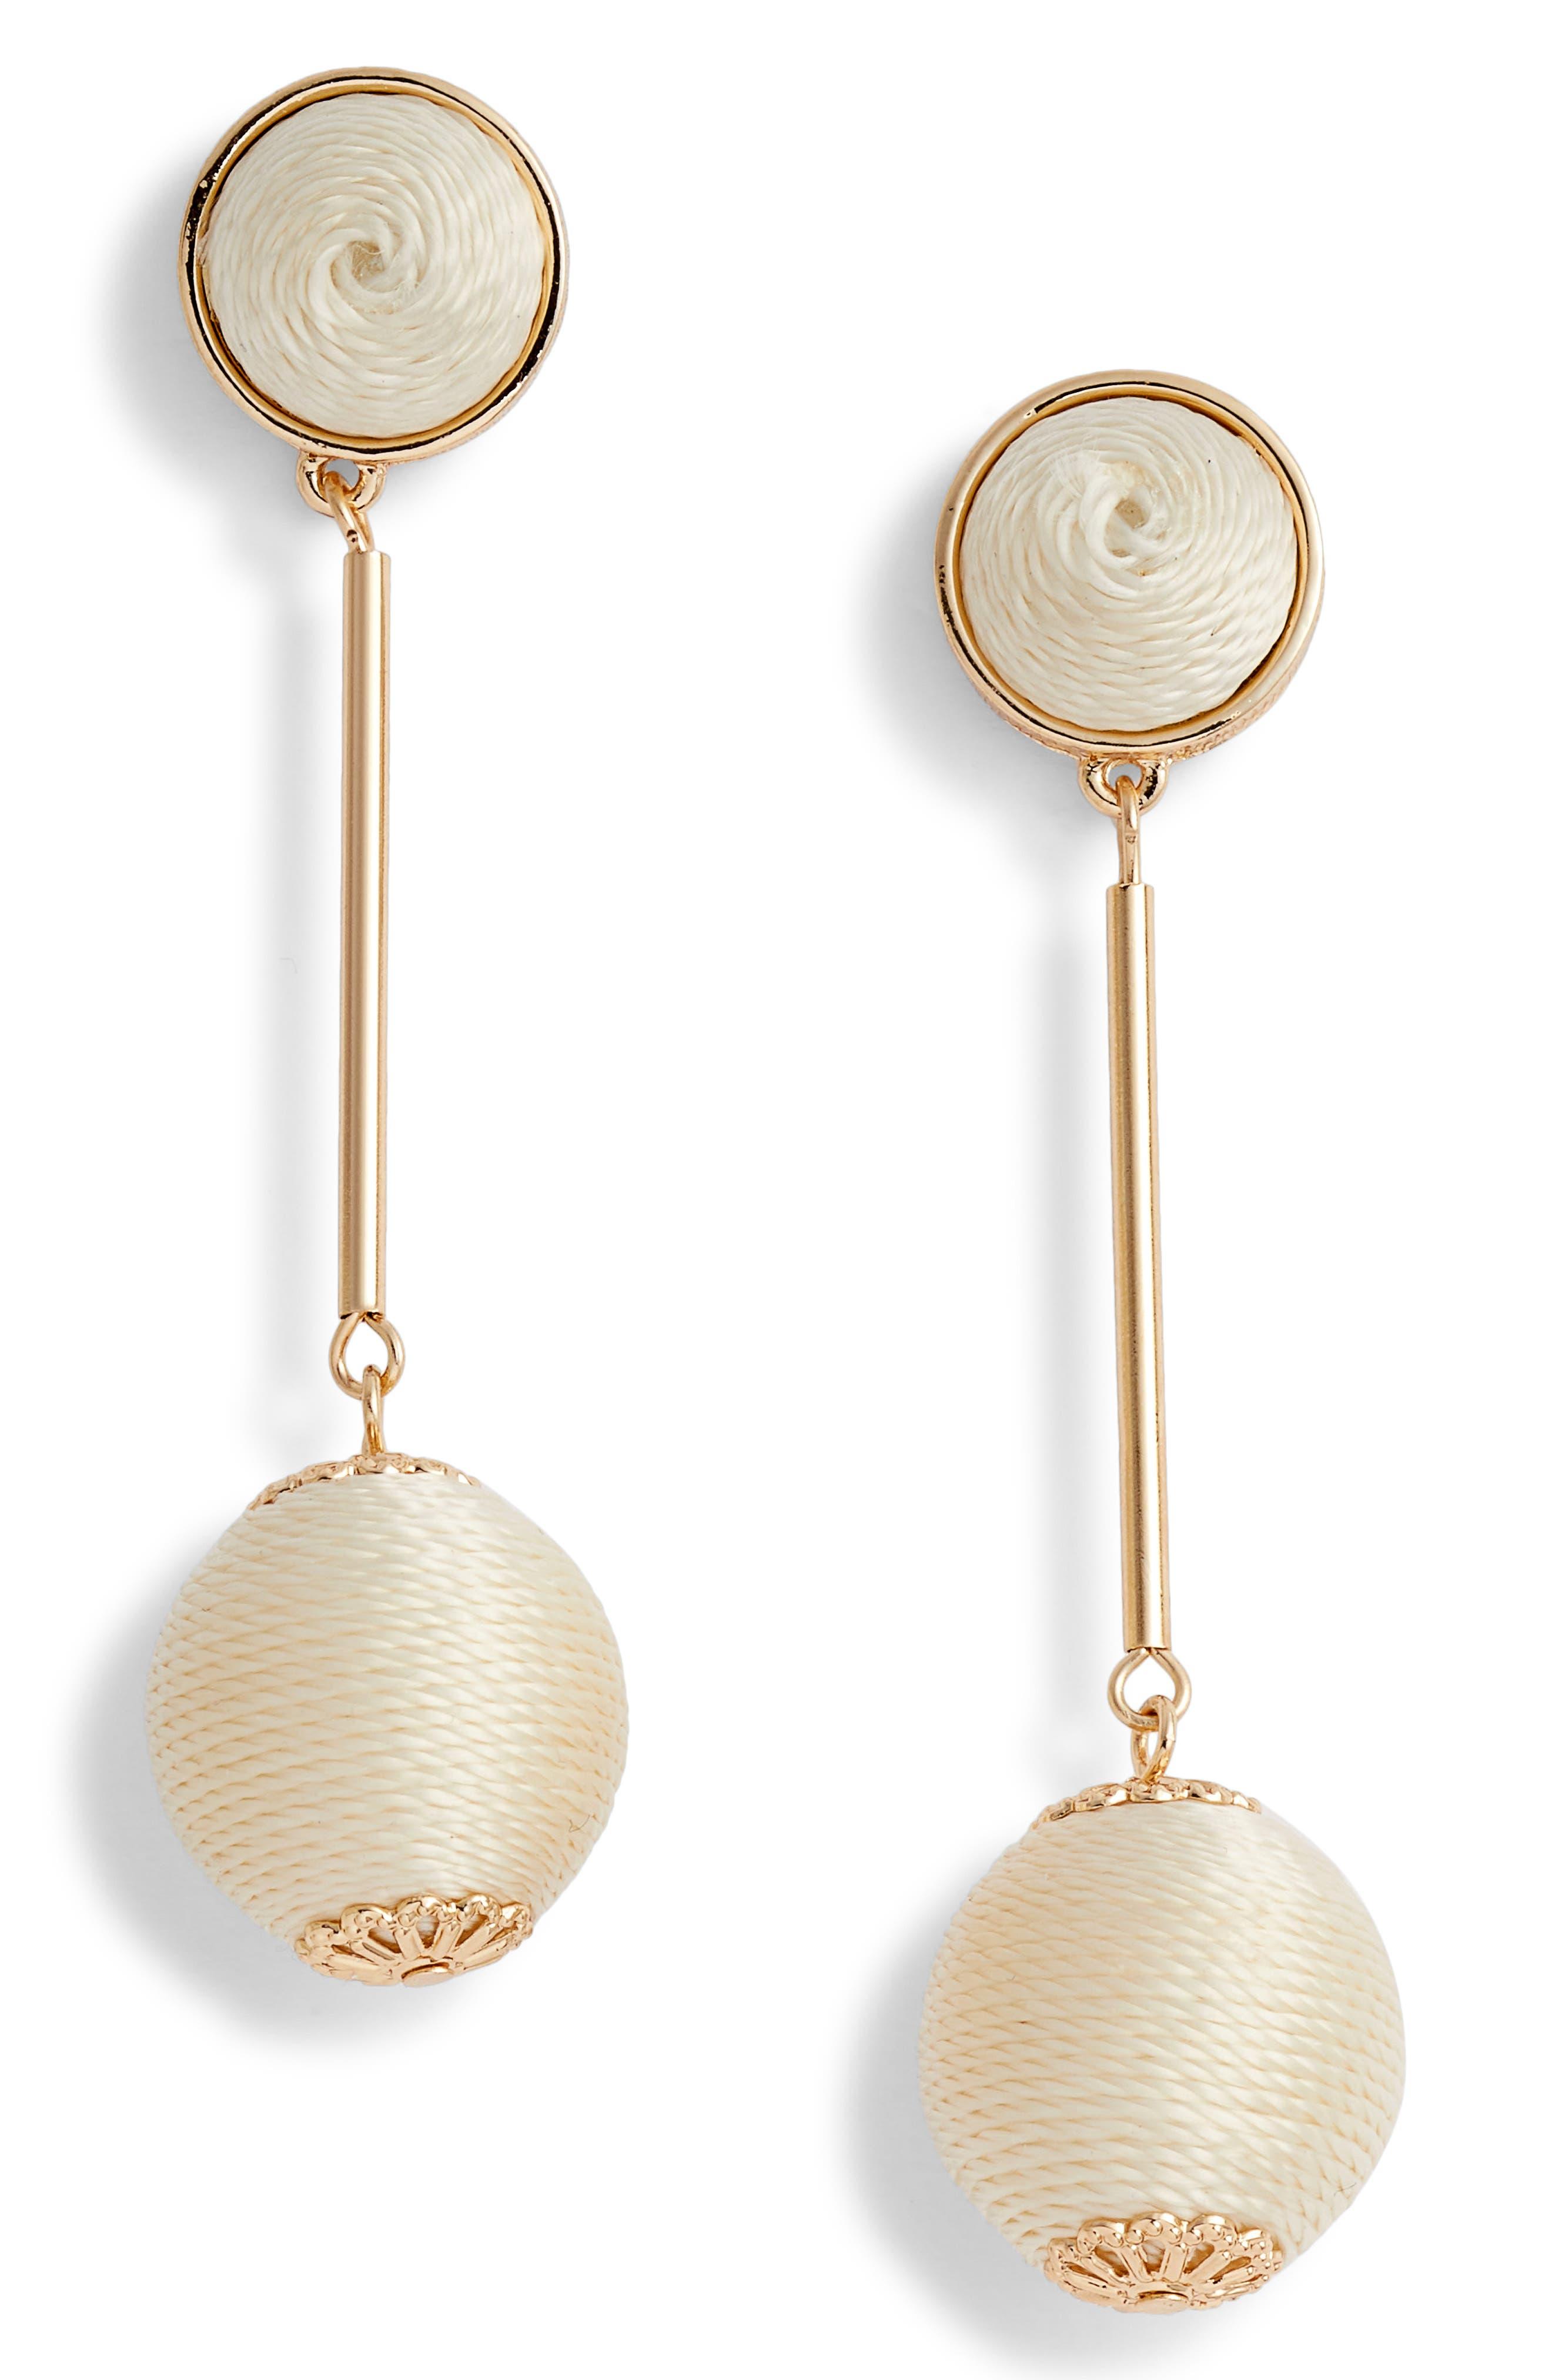 Mod Ball Drop Earrings,                             Main thumbnail 1, color,                             100